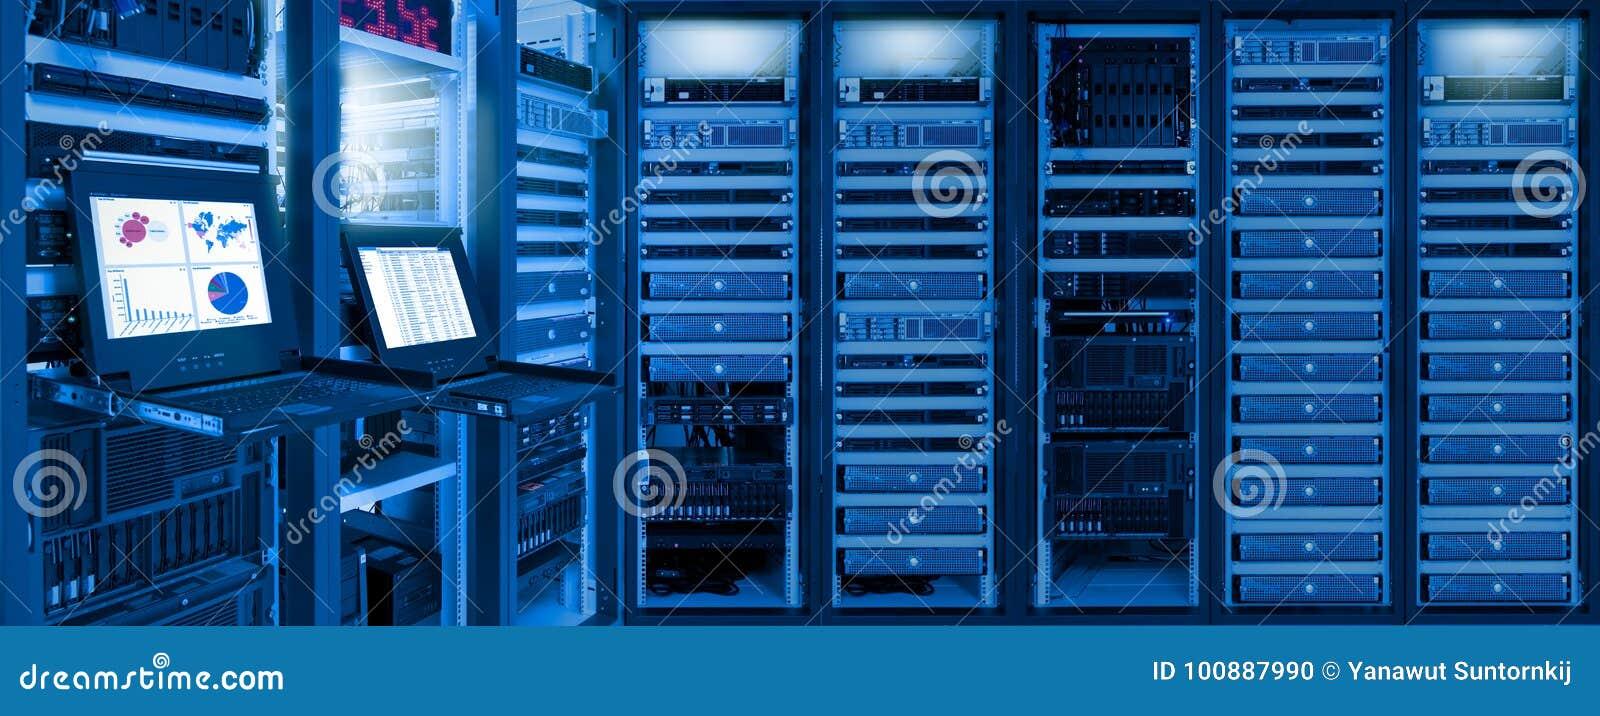 L information du trafic réseau et statut de dispositifs dans la chambre de centre de traitement des données